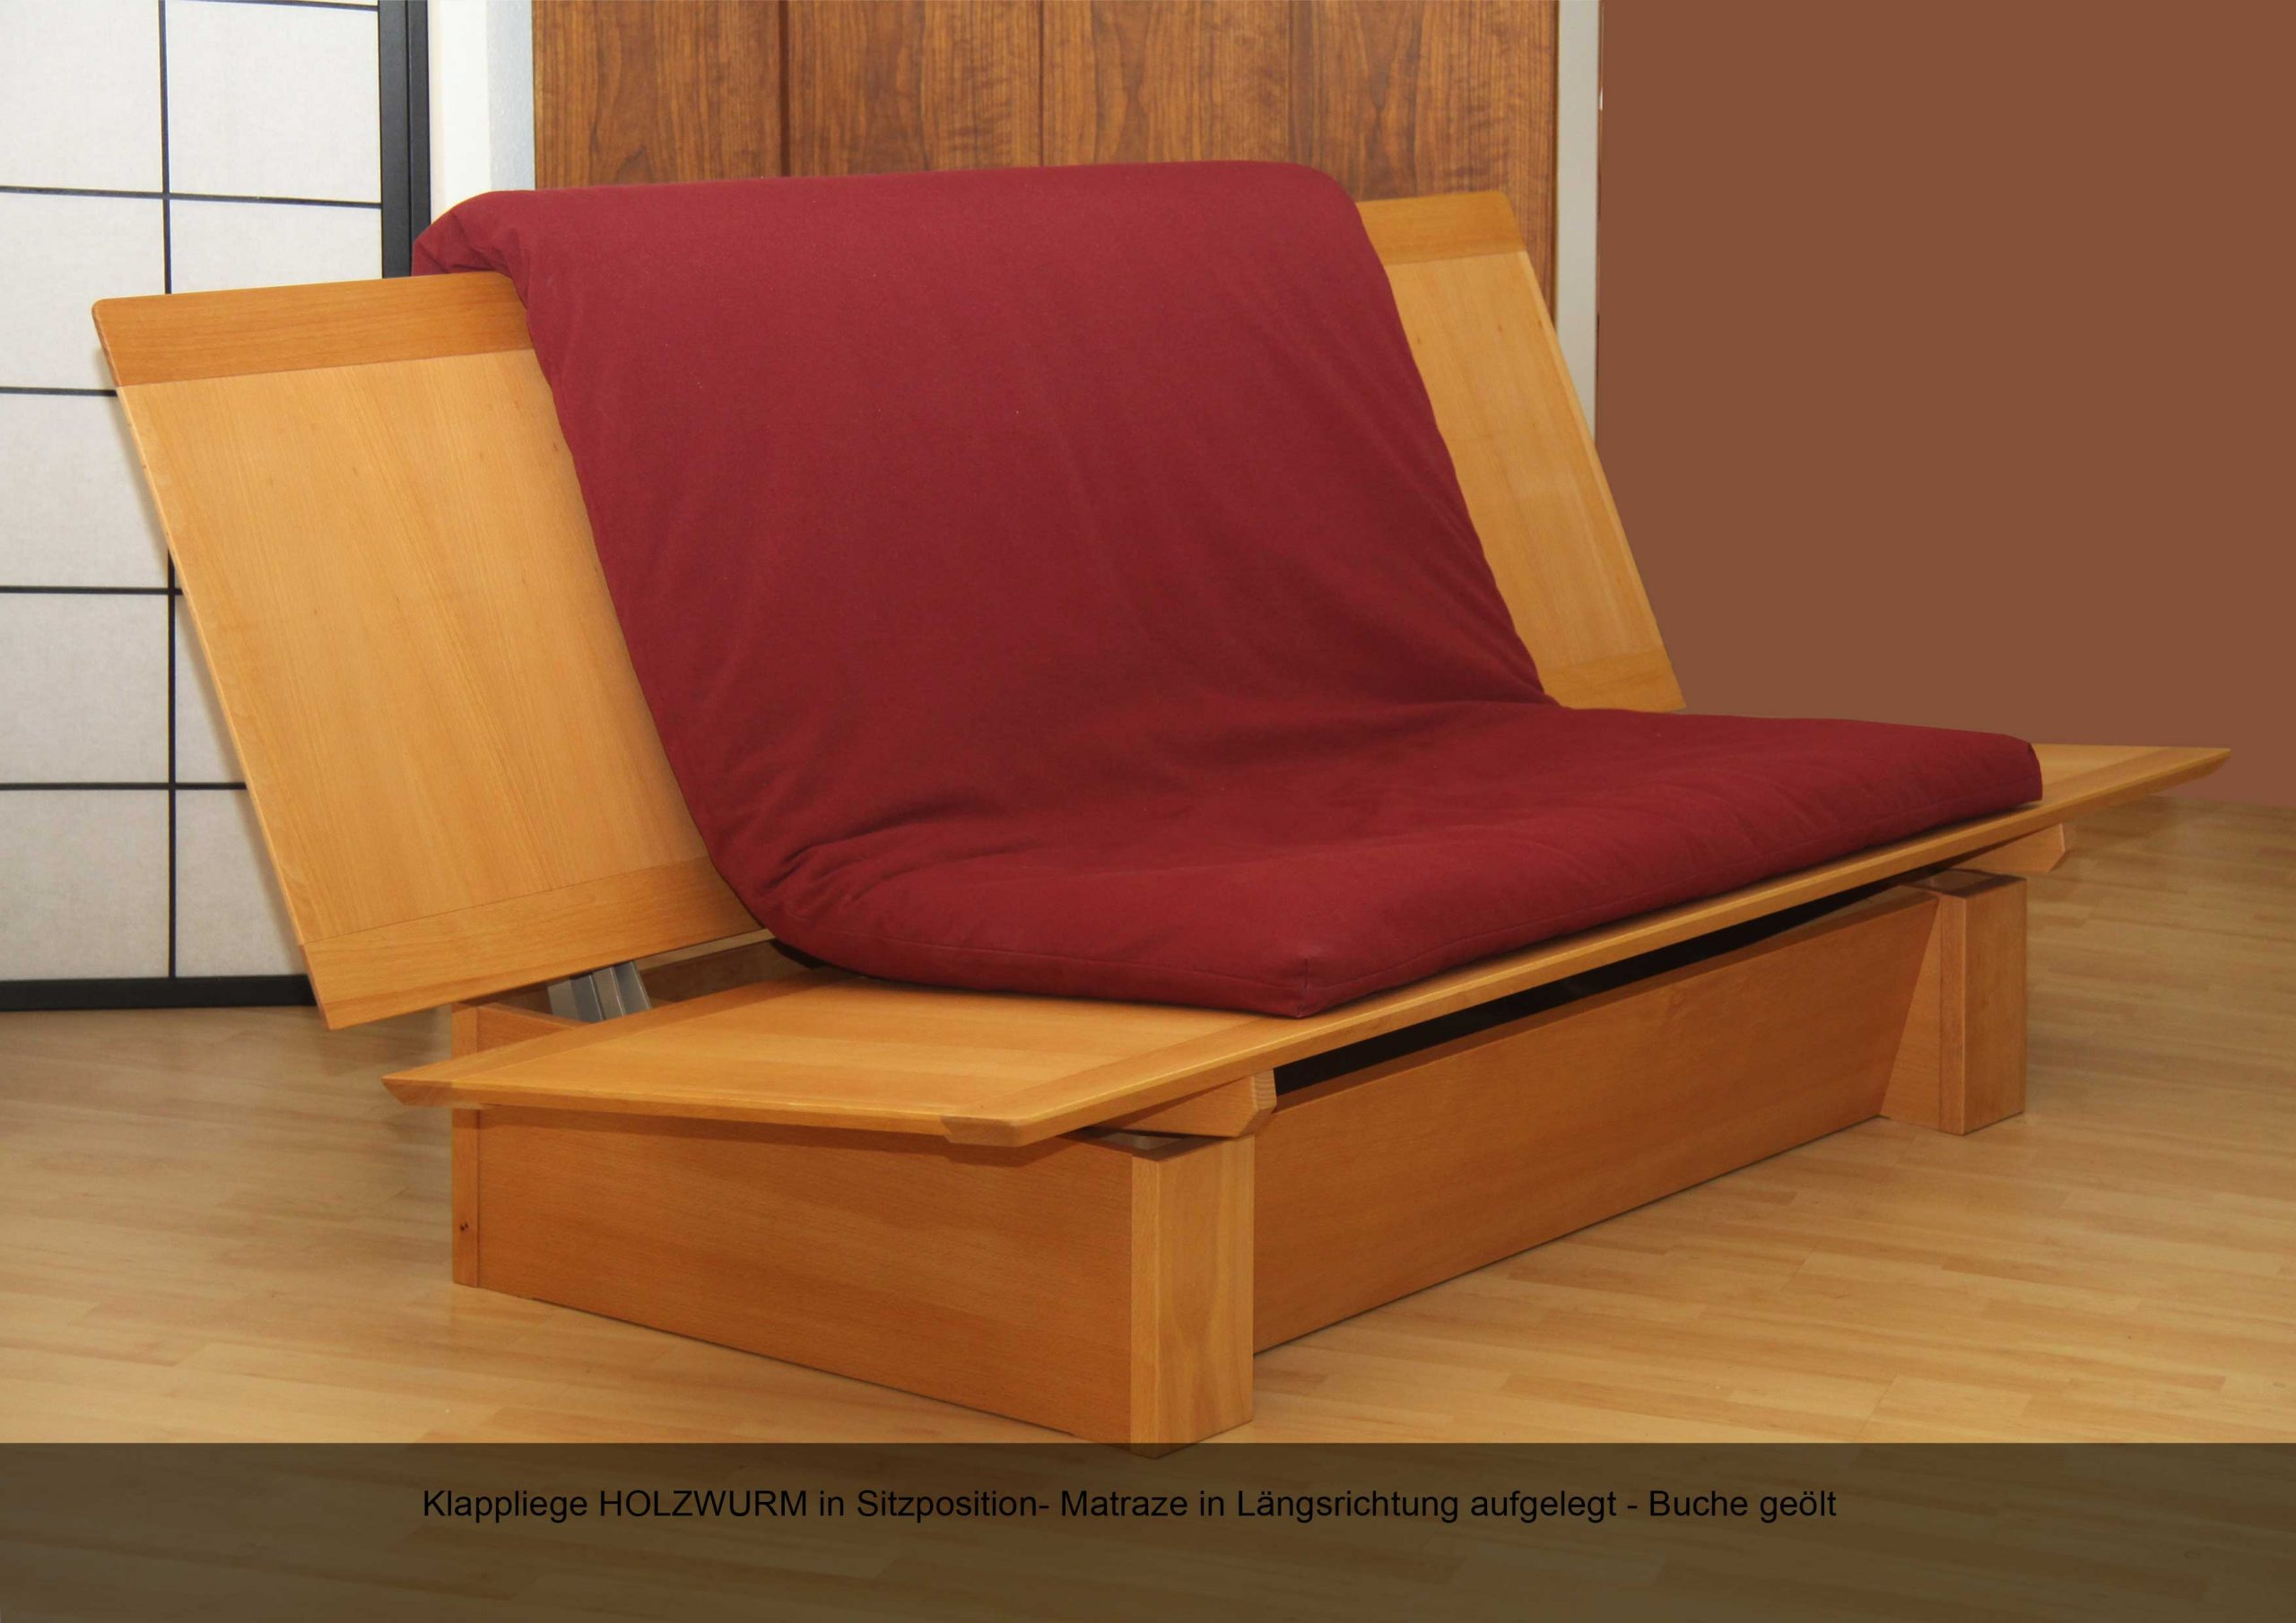 Klappliege Holzwurm in Sitzposition